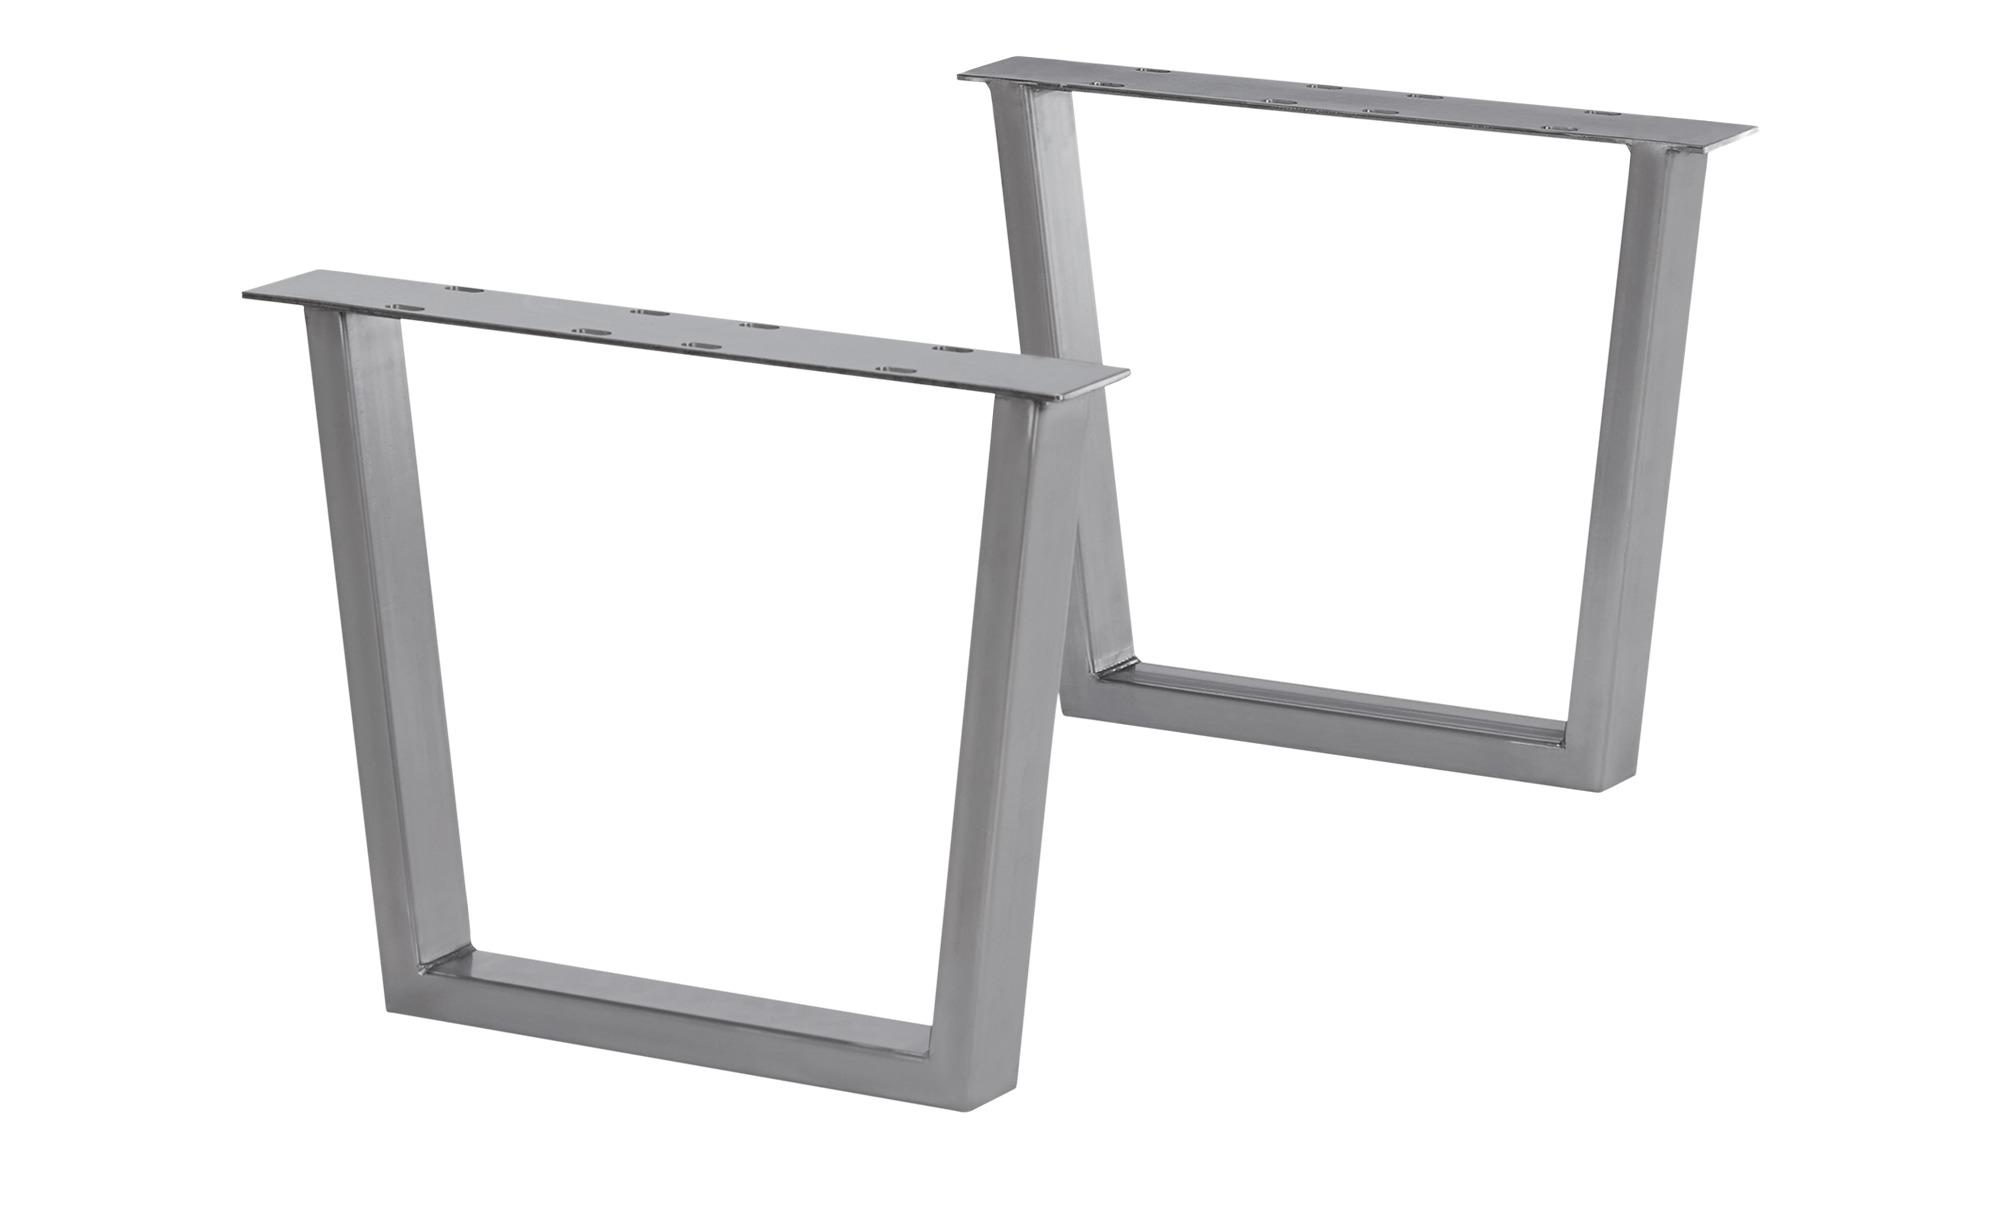 Tischgestell  Comida ¦ silber ¦ Maße (cm): B: 50 H: 44 Tische > Tischbeine - Höffner | Wohnzimmer > Tische > Weitere Tische | Möbel Höffner DE